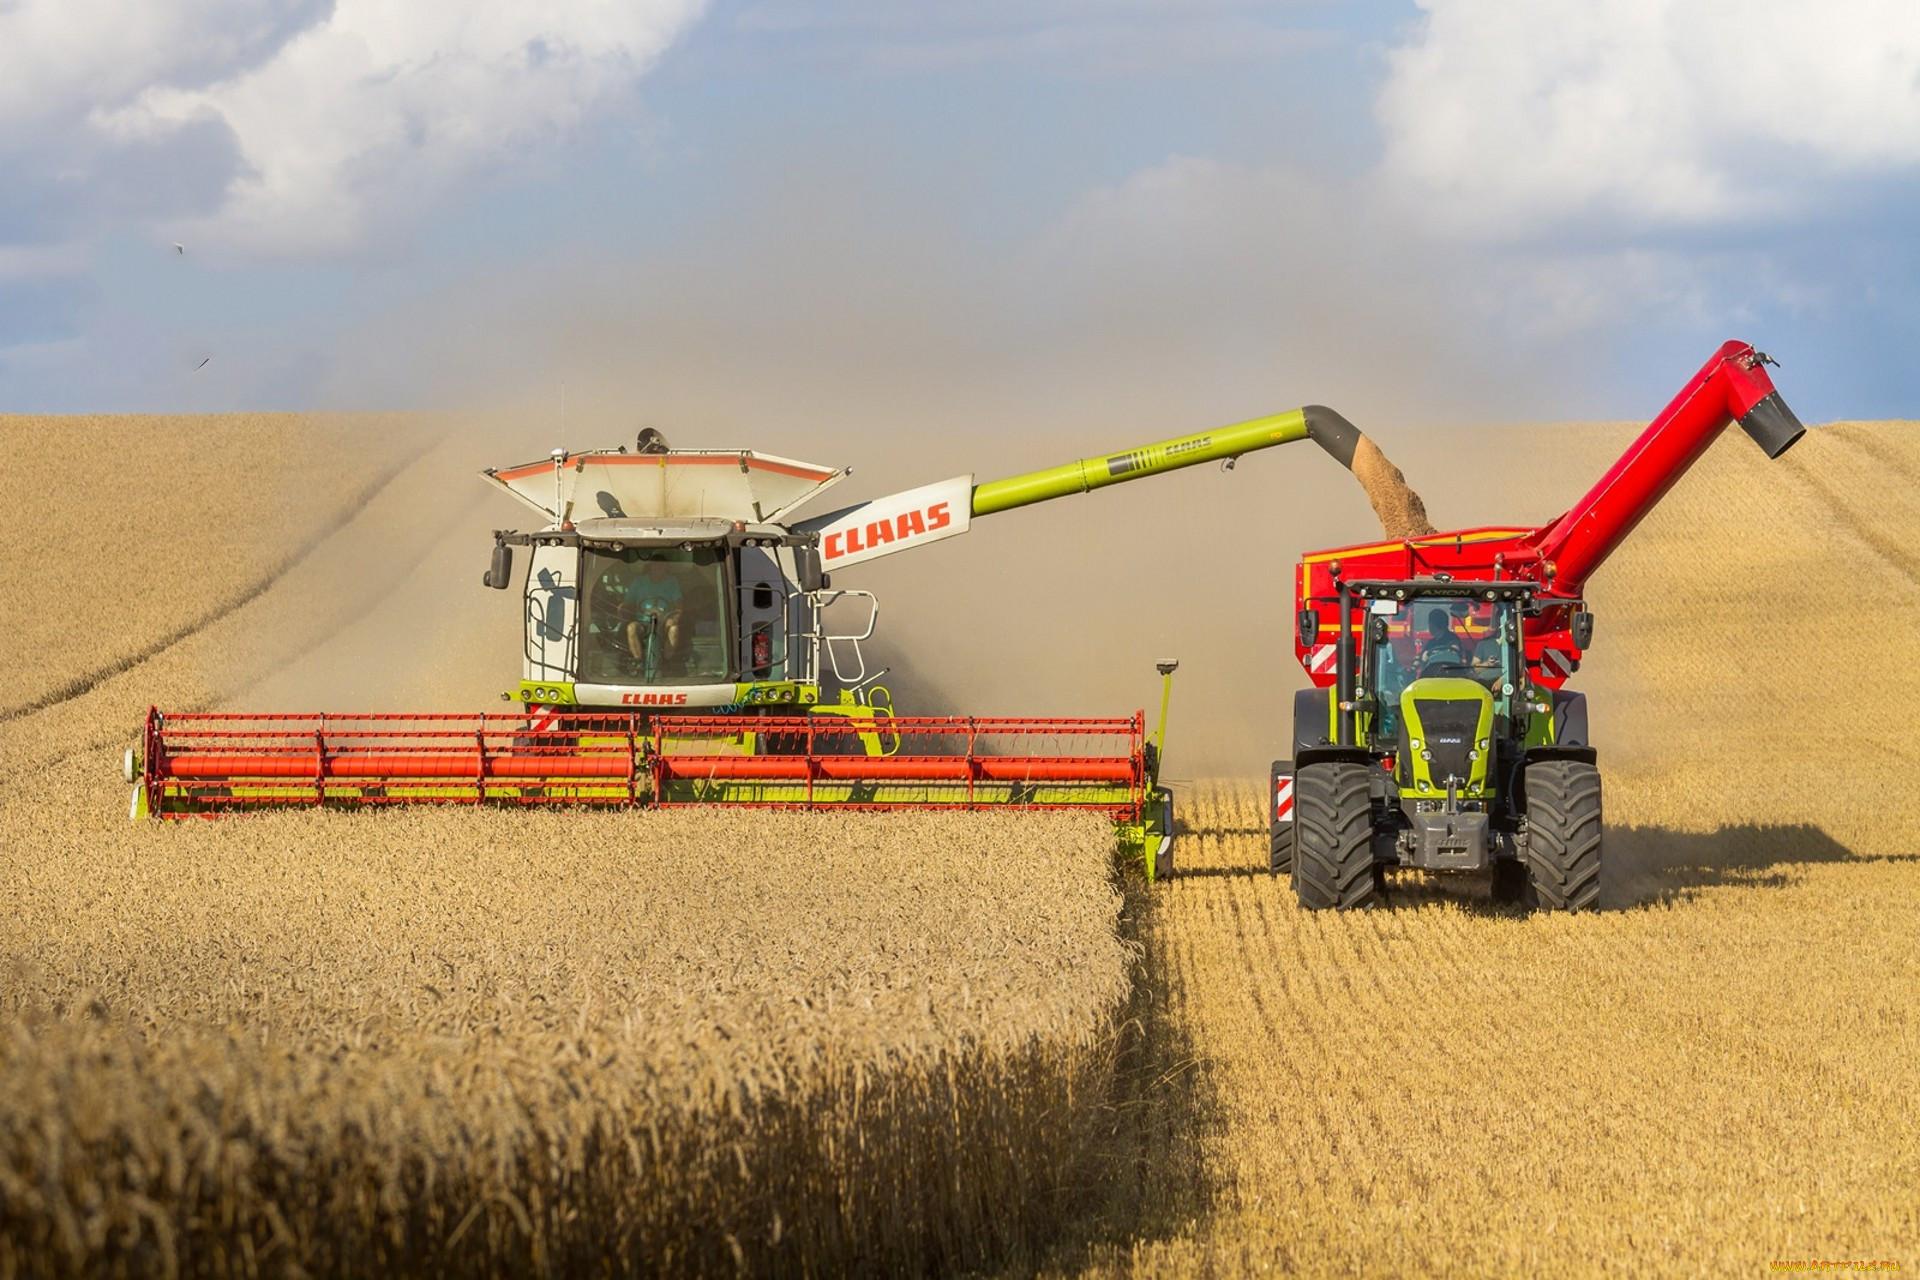 юридический уборка пшеницы комбайнами картинки фото своего